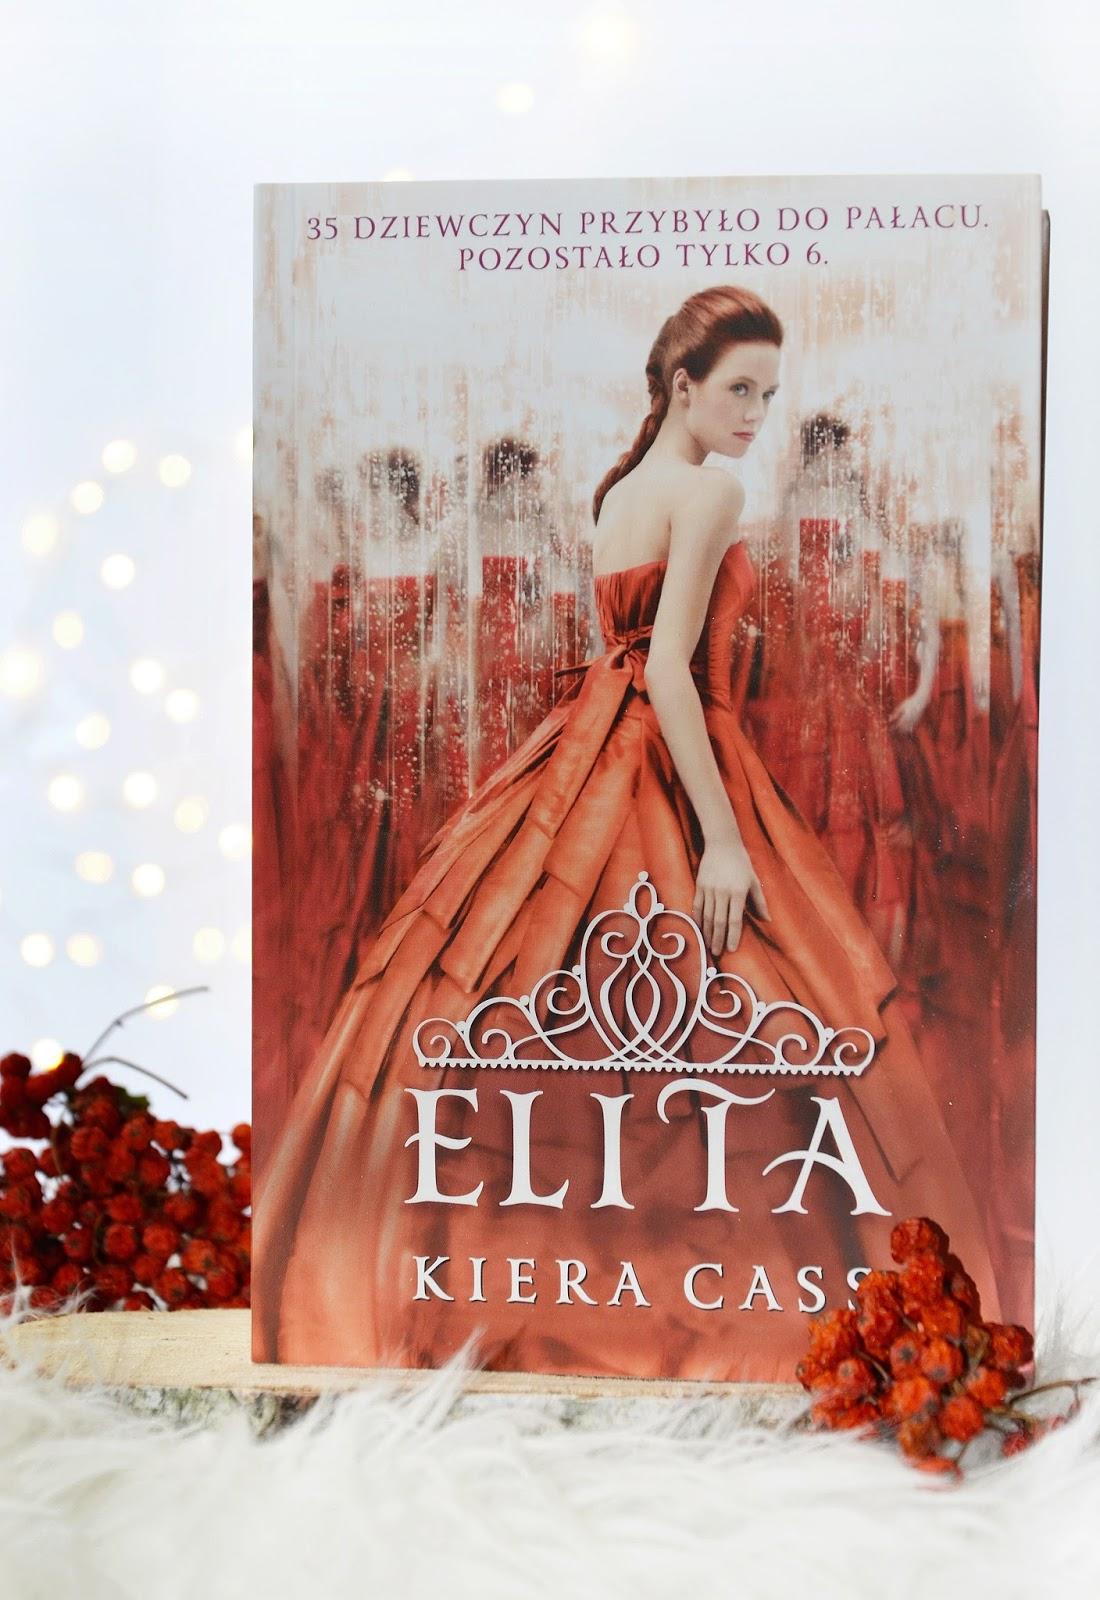 ELITA-KIERA CASS